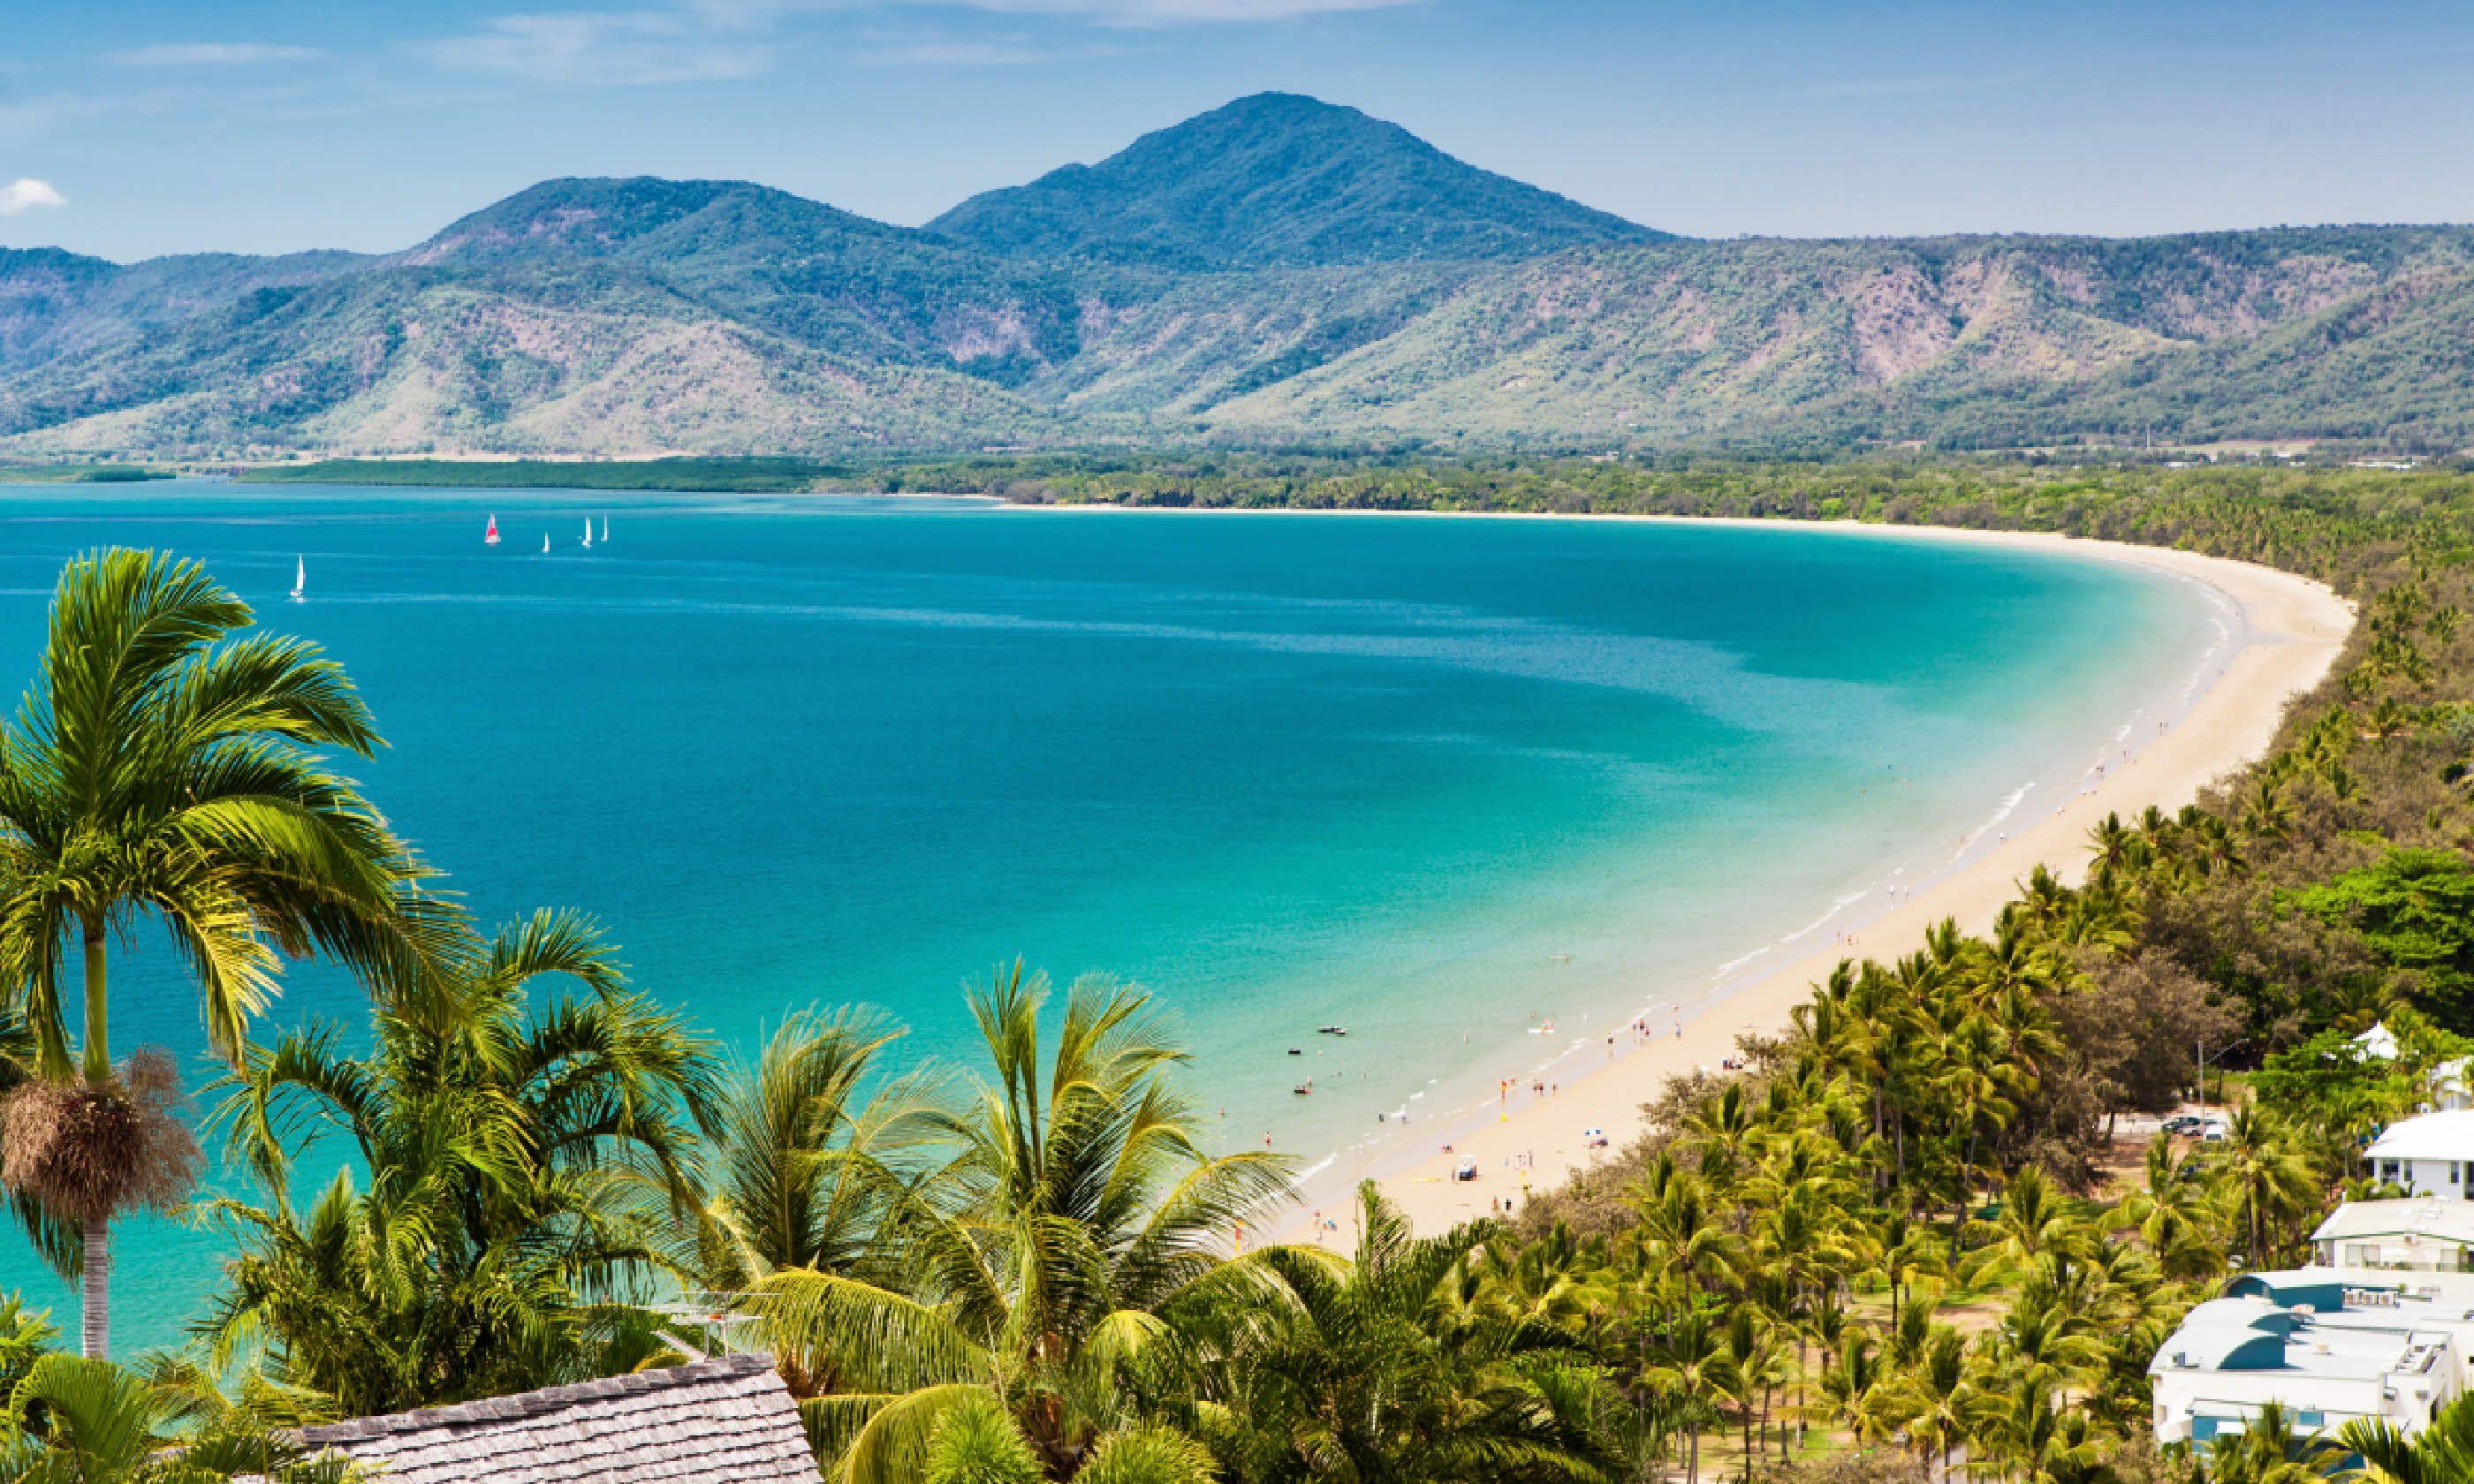 Port Douglas, Queensland (Shutterstock)